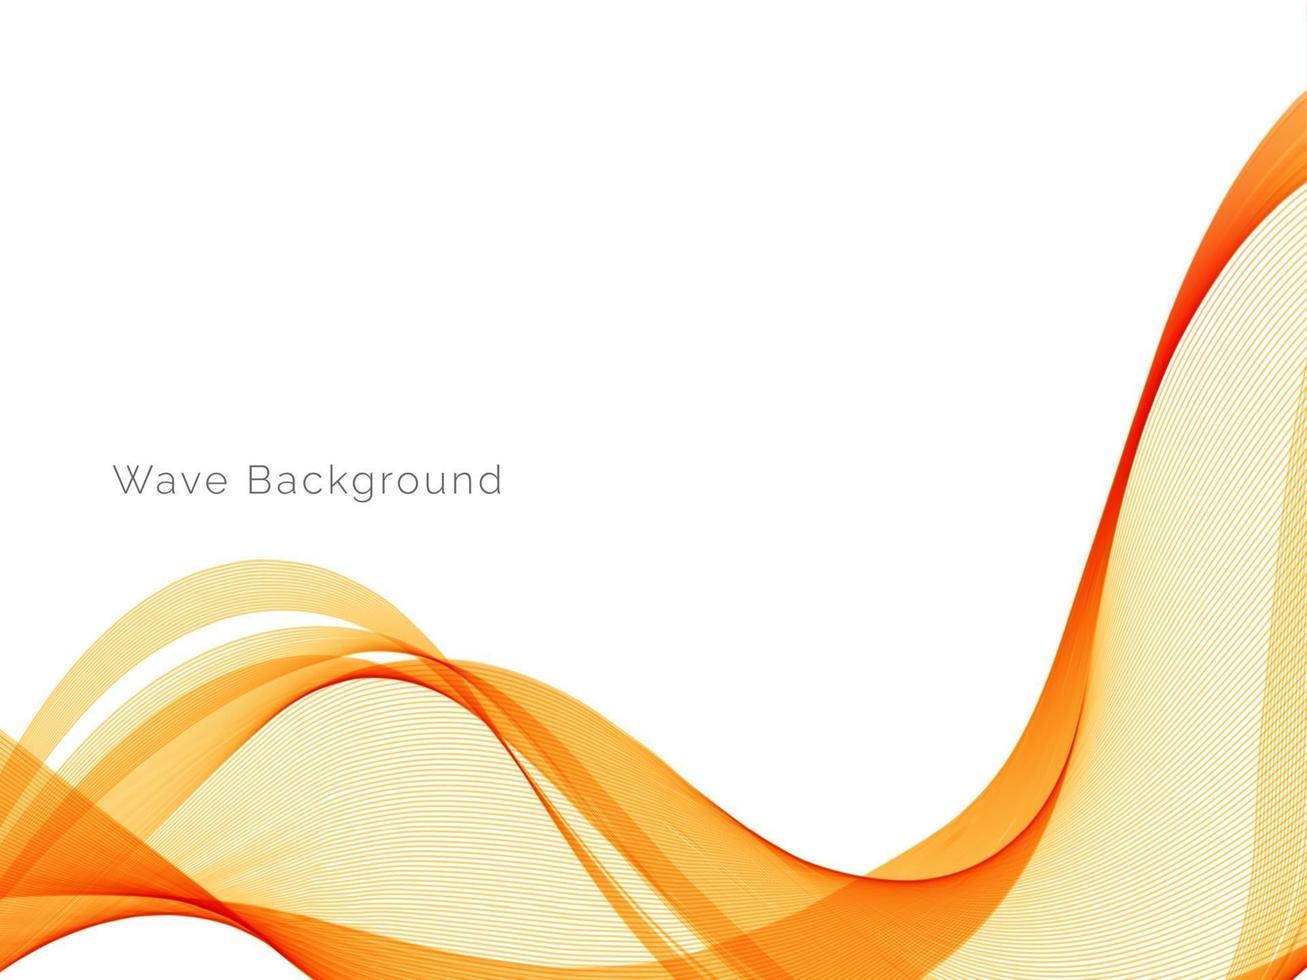 patrón moderno de diseño decorativo con elegante fondo de onda amarilla suave vector